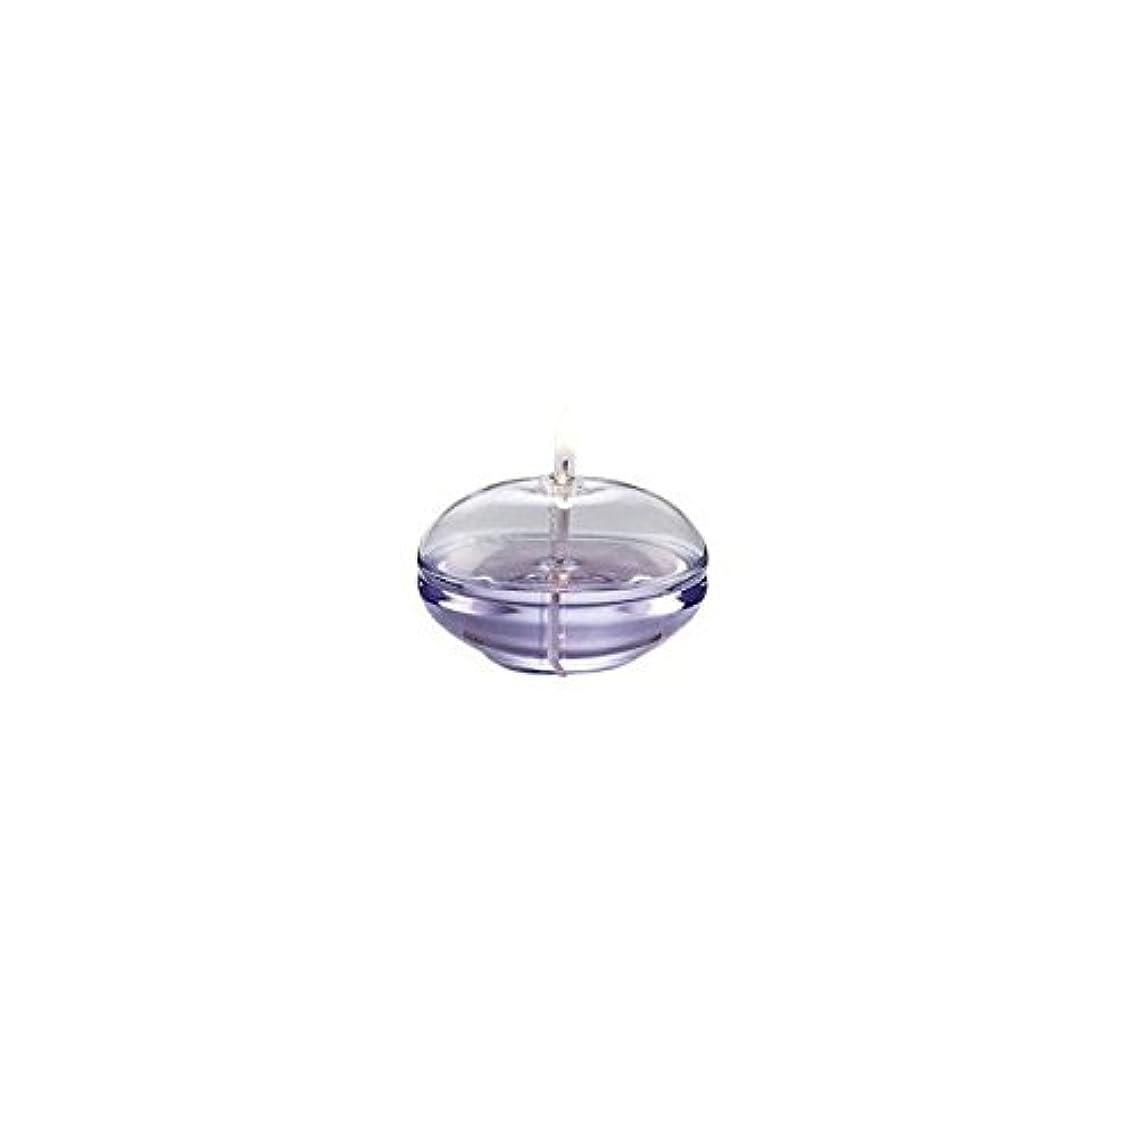 フロート オイルランプ L OLC-F12/62-6698-17